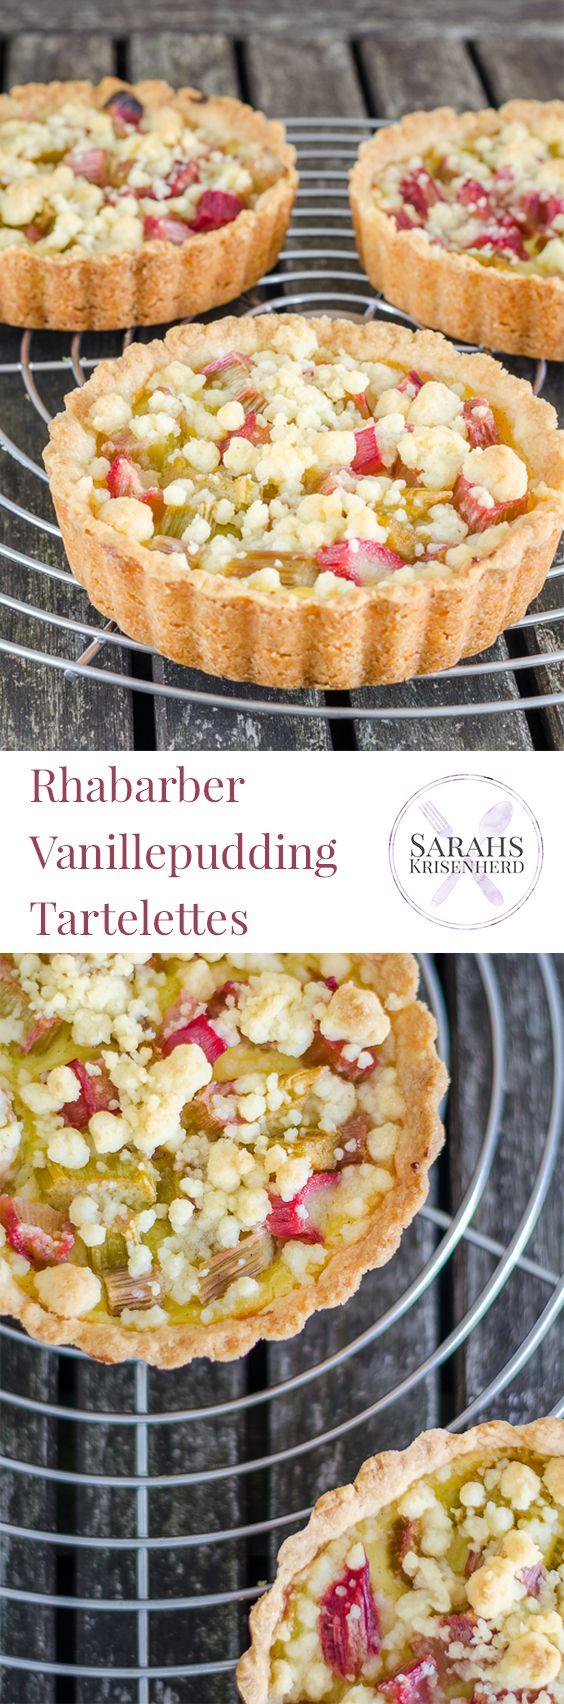 Rhabarber Vanillepudding Tartelette mit Streuseln / Milch und Ei durch Kokosmilch und Banane ersetzen